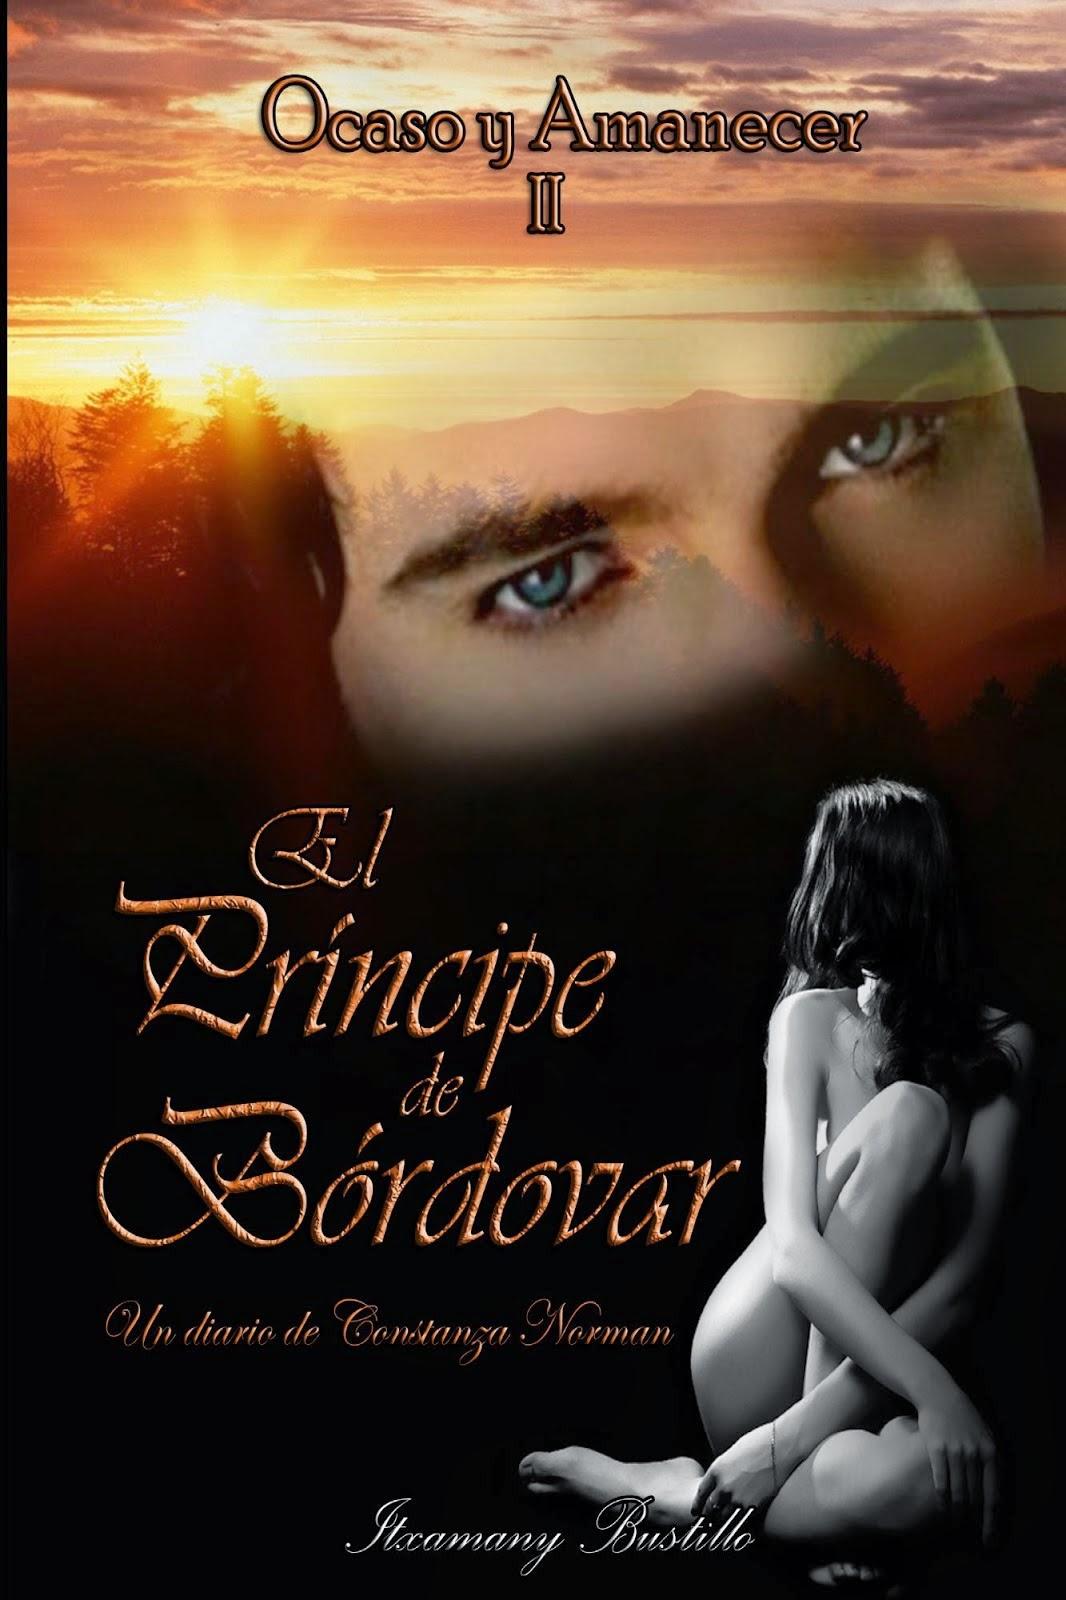 El Príncipe de Bórdovar (segunda parte) createspace